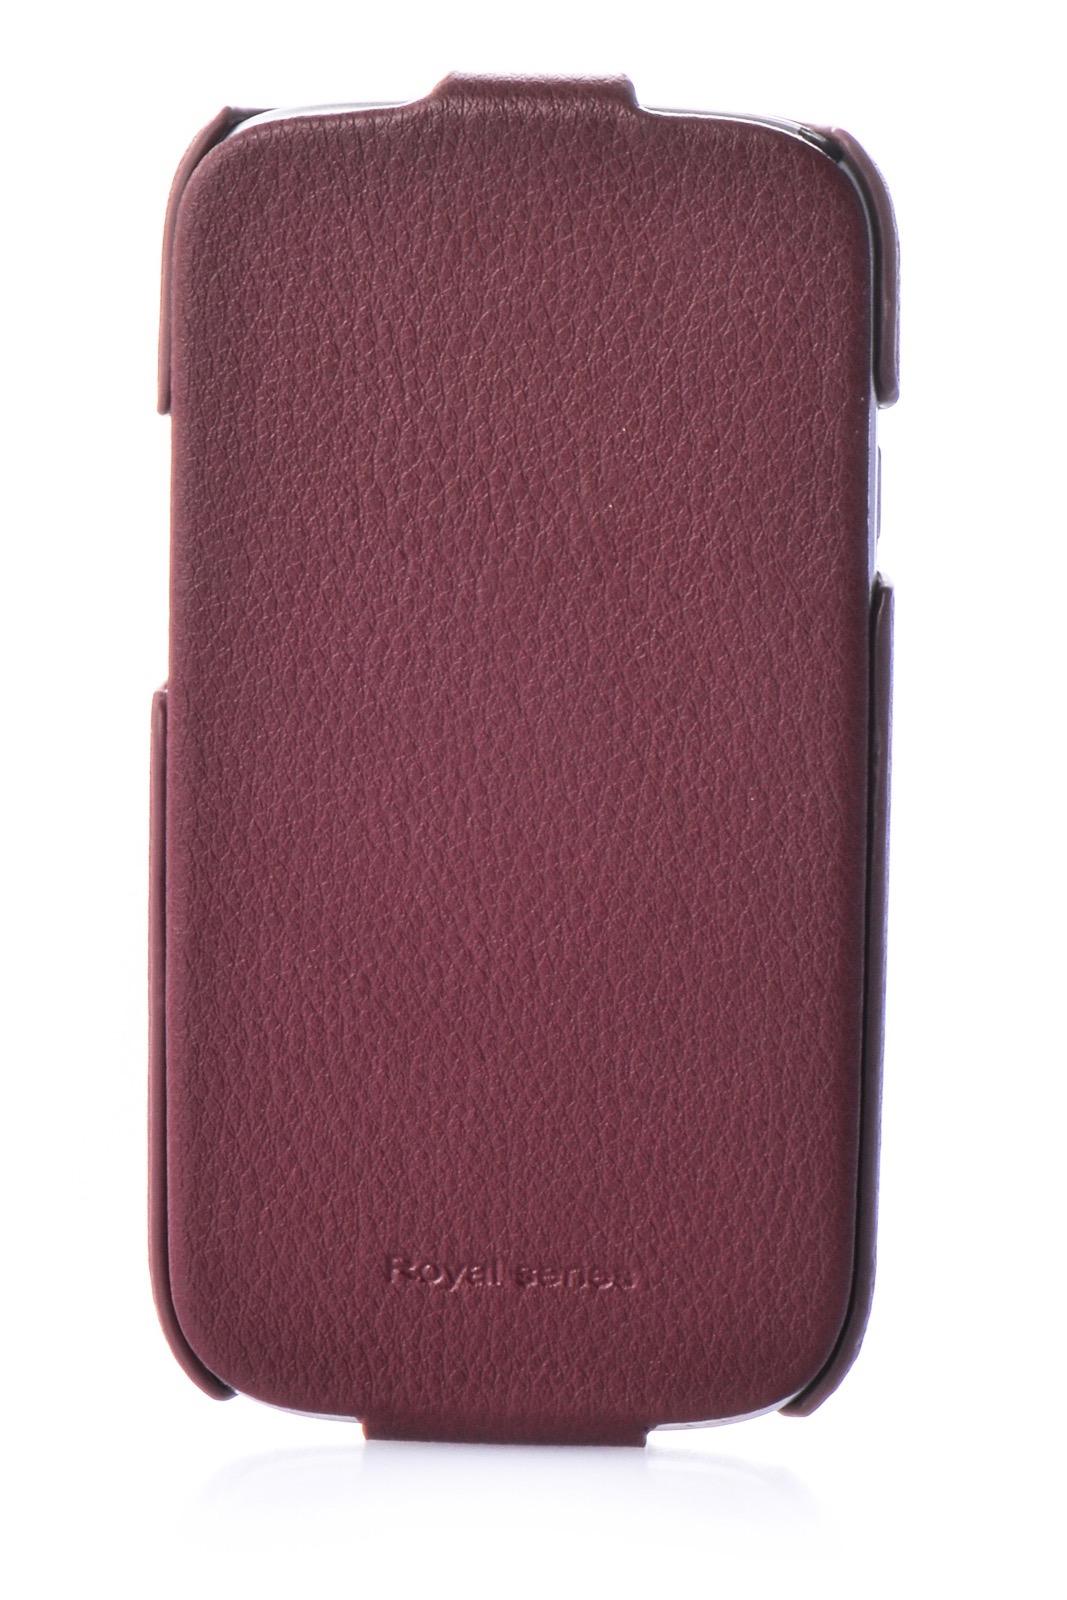 Чехол для сотового телефона Hoco Чехол книжка экокожа 380176 для Samsung S3, коричневый